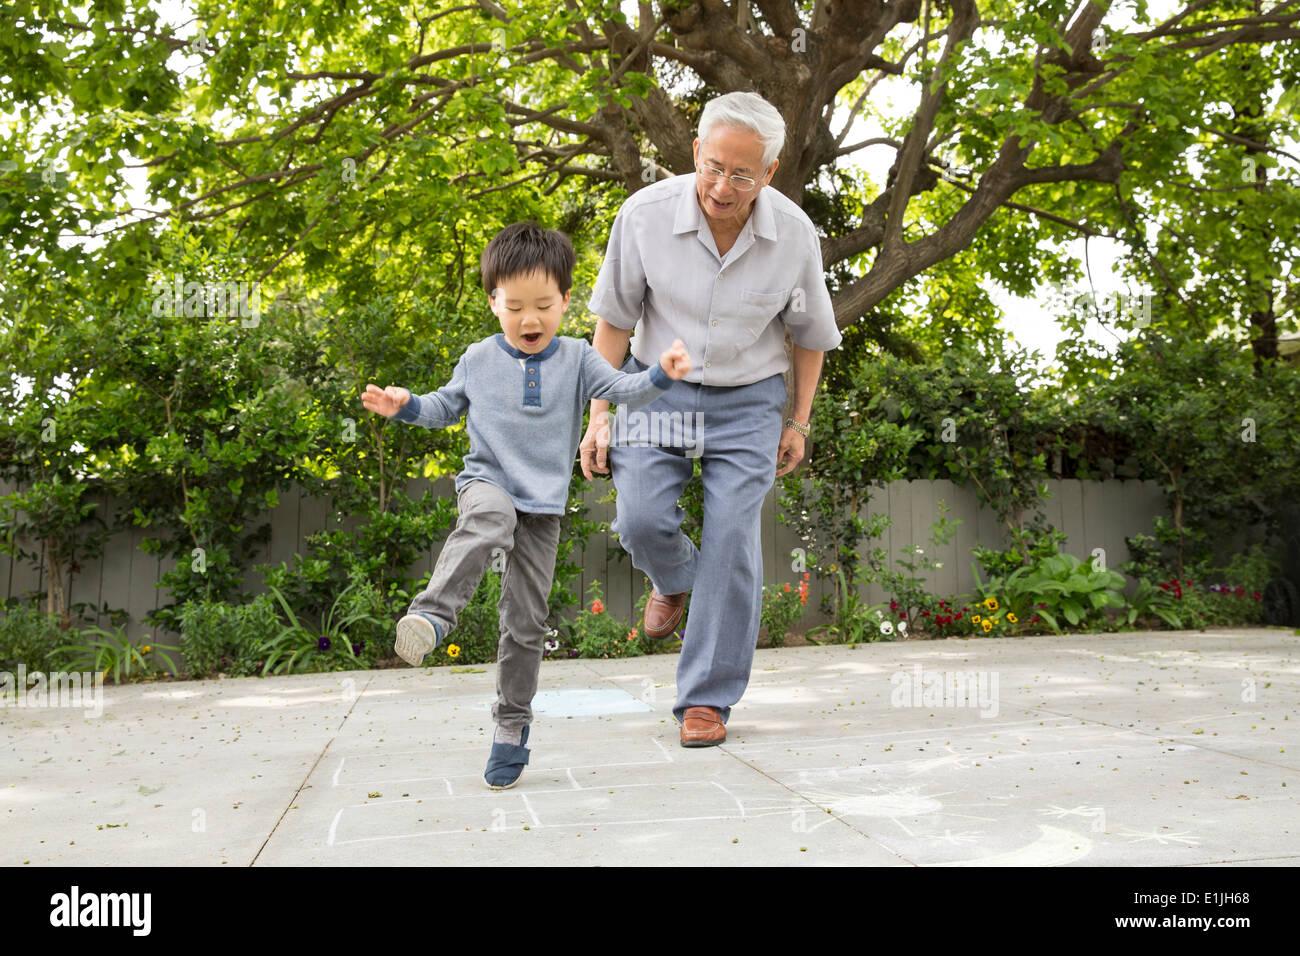 Grand-père jouant à la marelle avec petit-fils Photo Stock